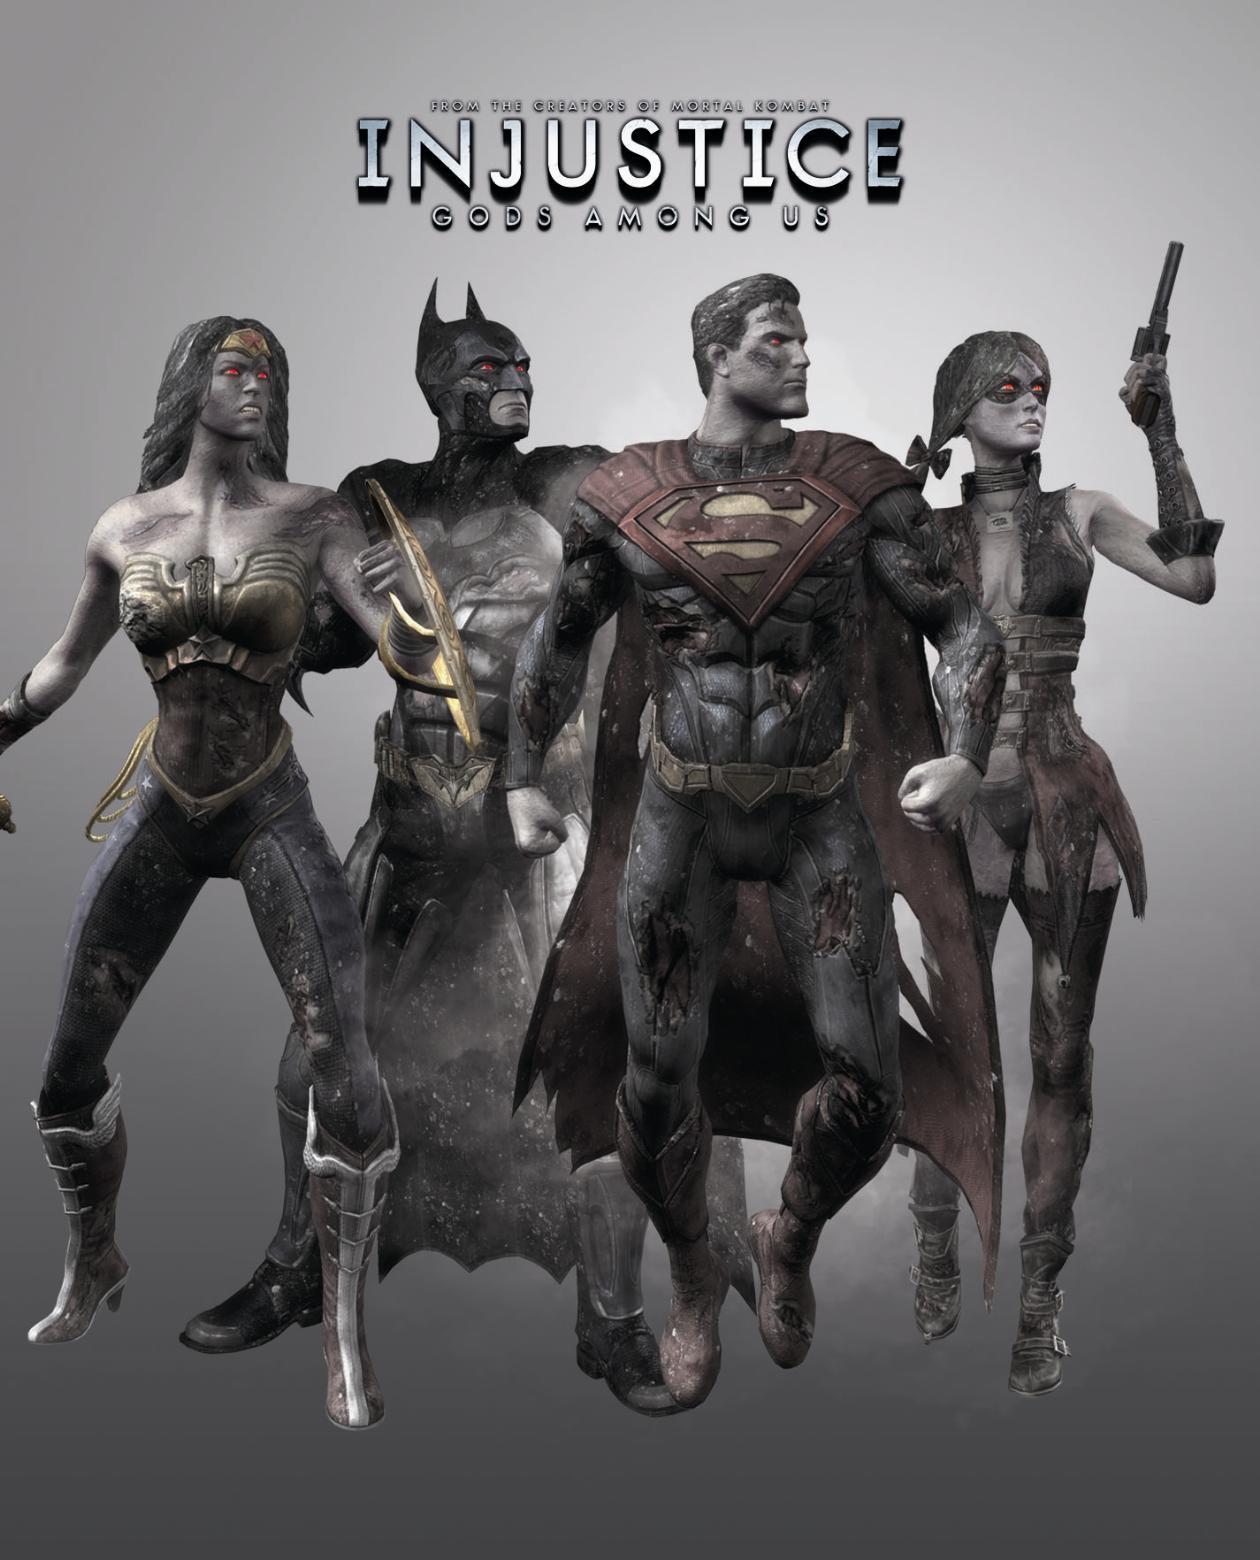 Injustice Gods Among Us 08-03-13 001